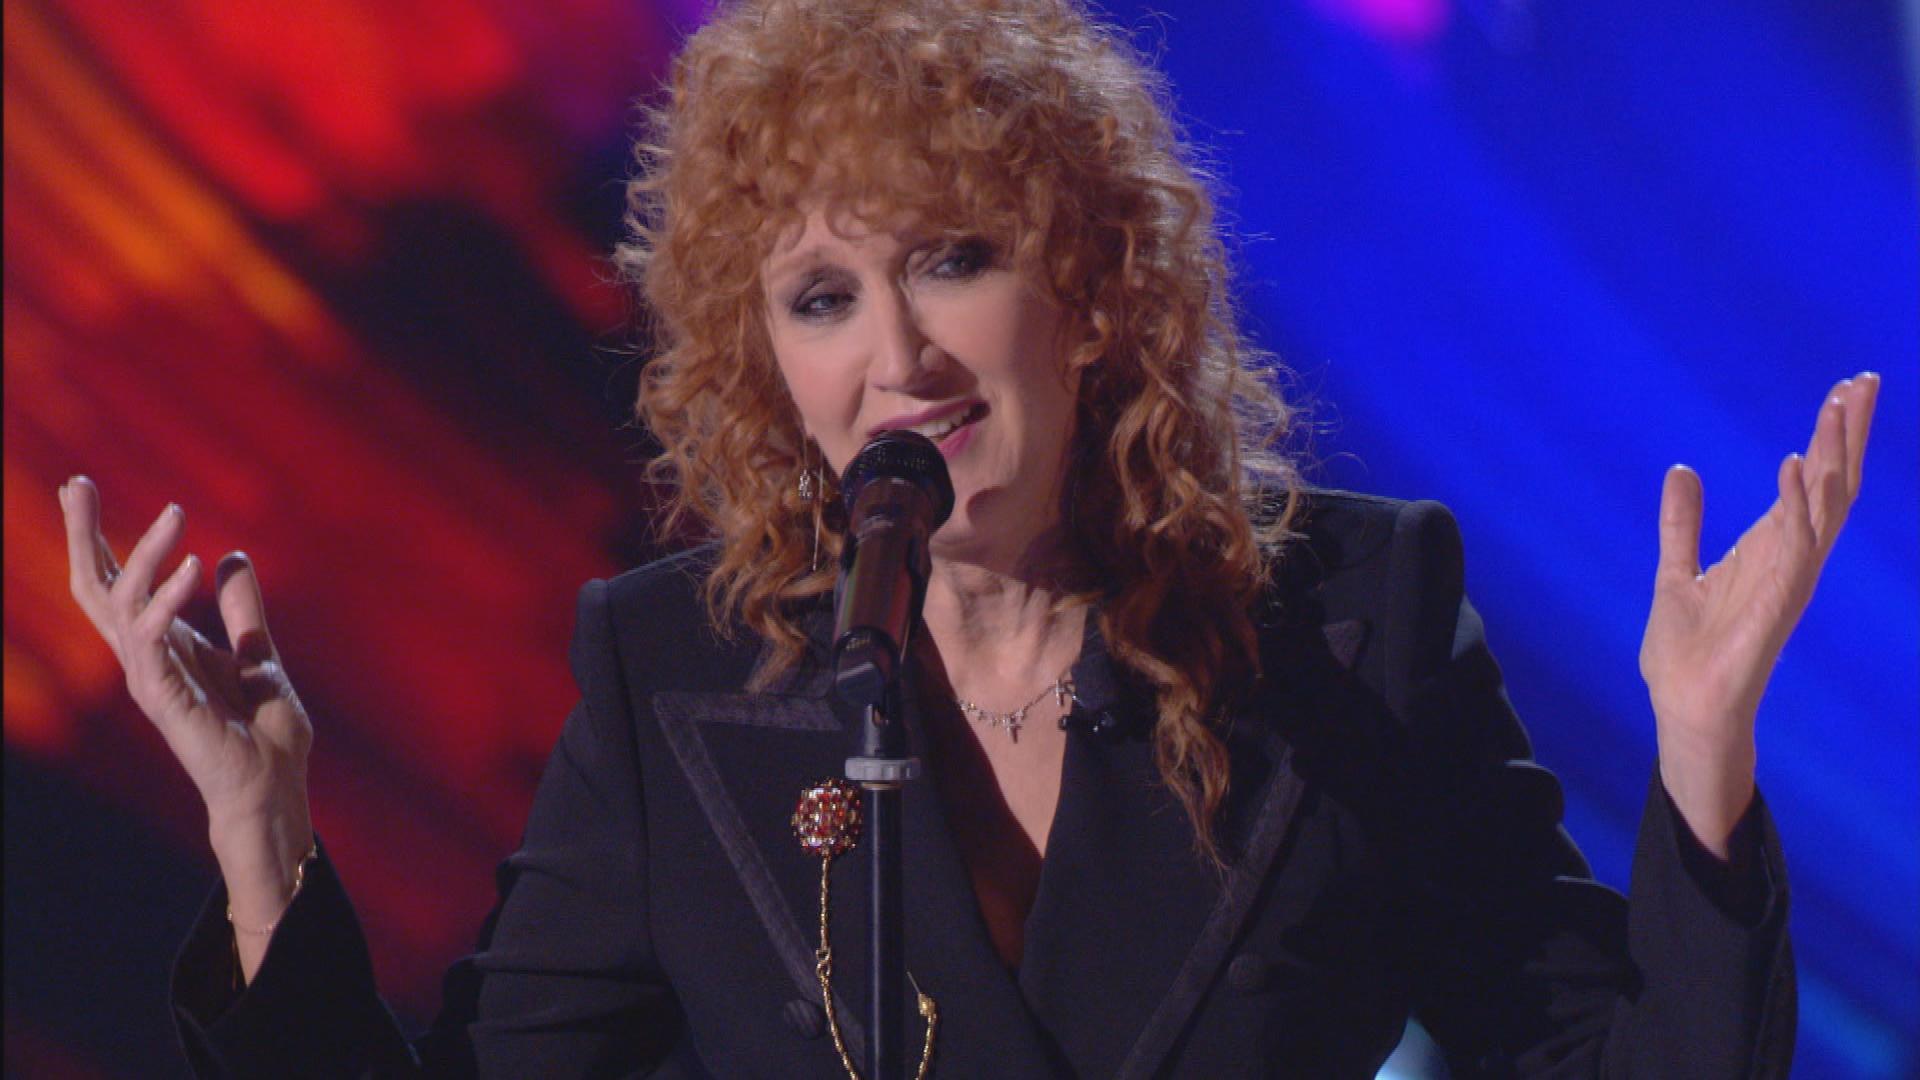 Fiorella Mannoia performance